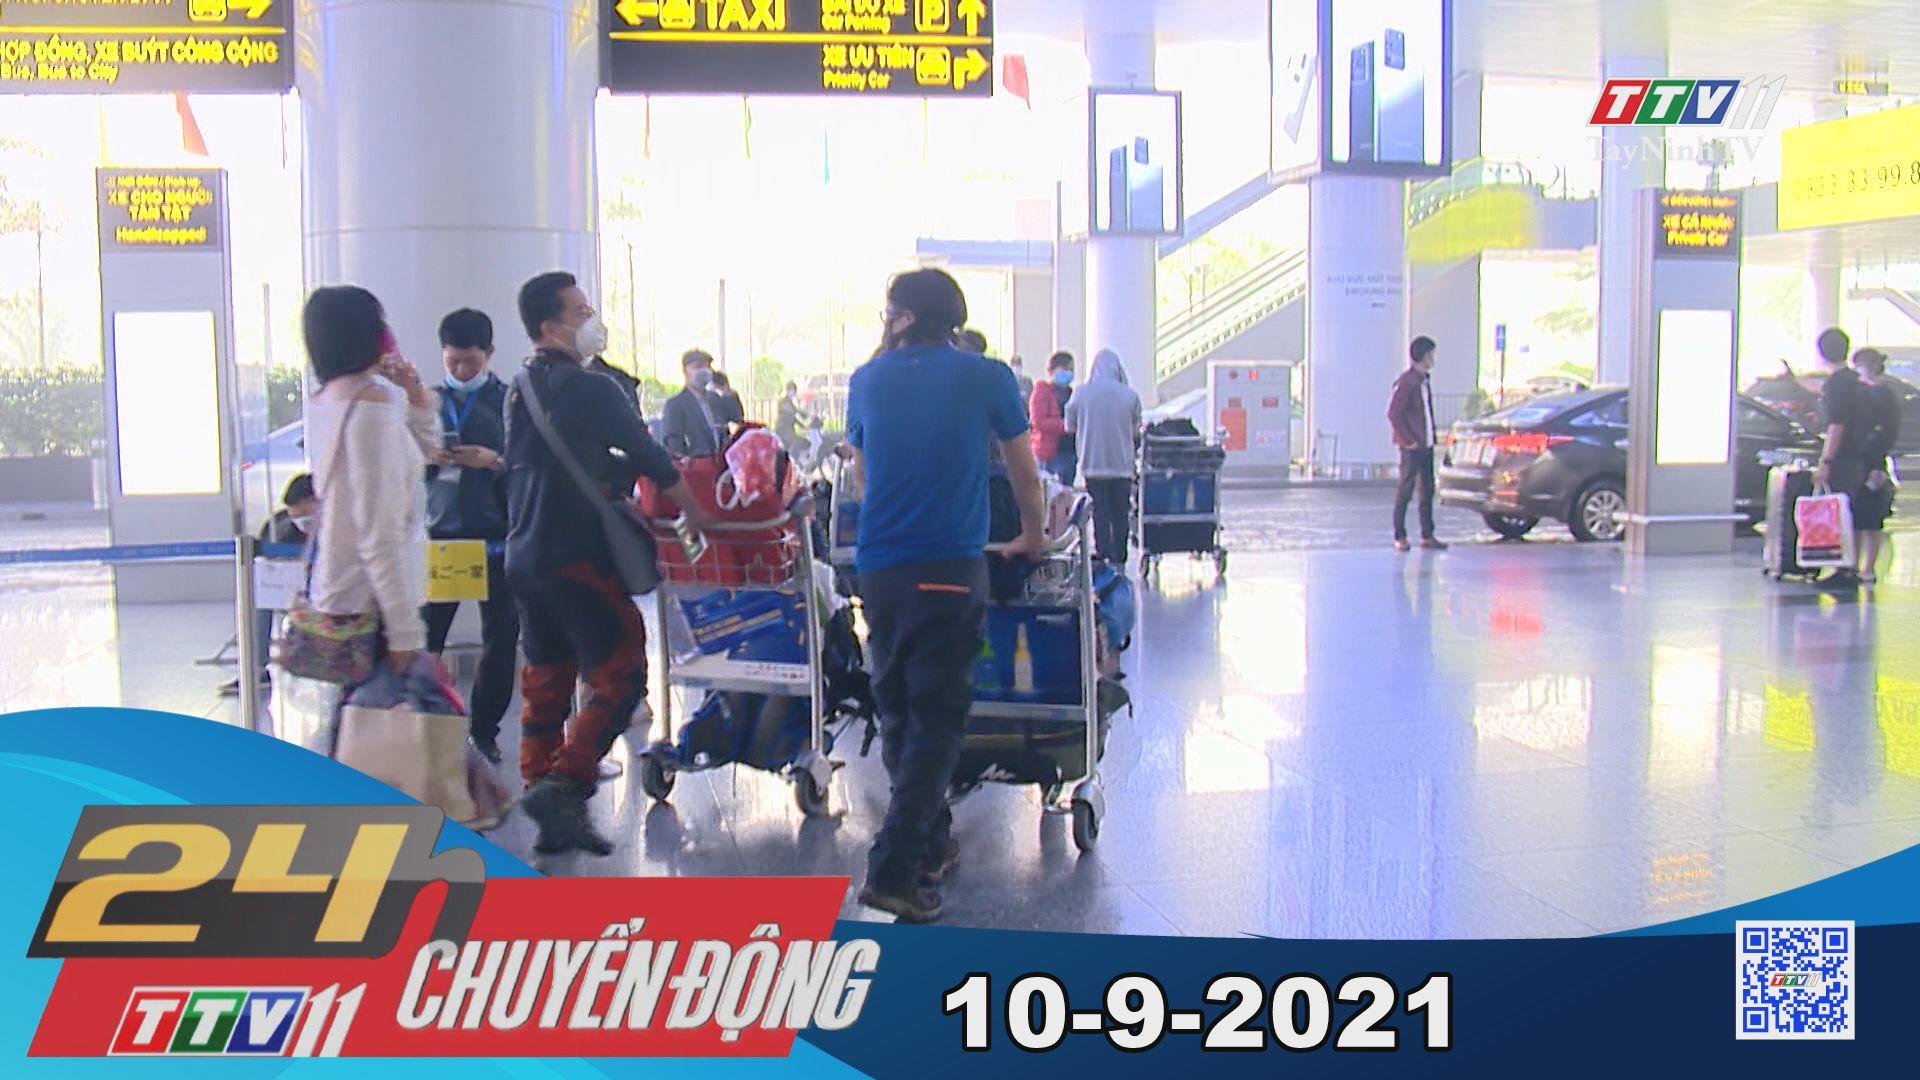 24h Chuyển động 10-9-2021 | Tin tức hôm nay | TayNinhTV